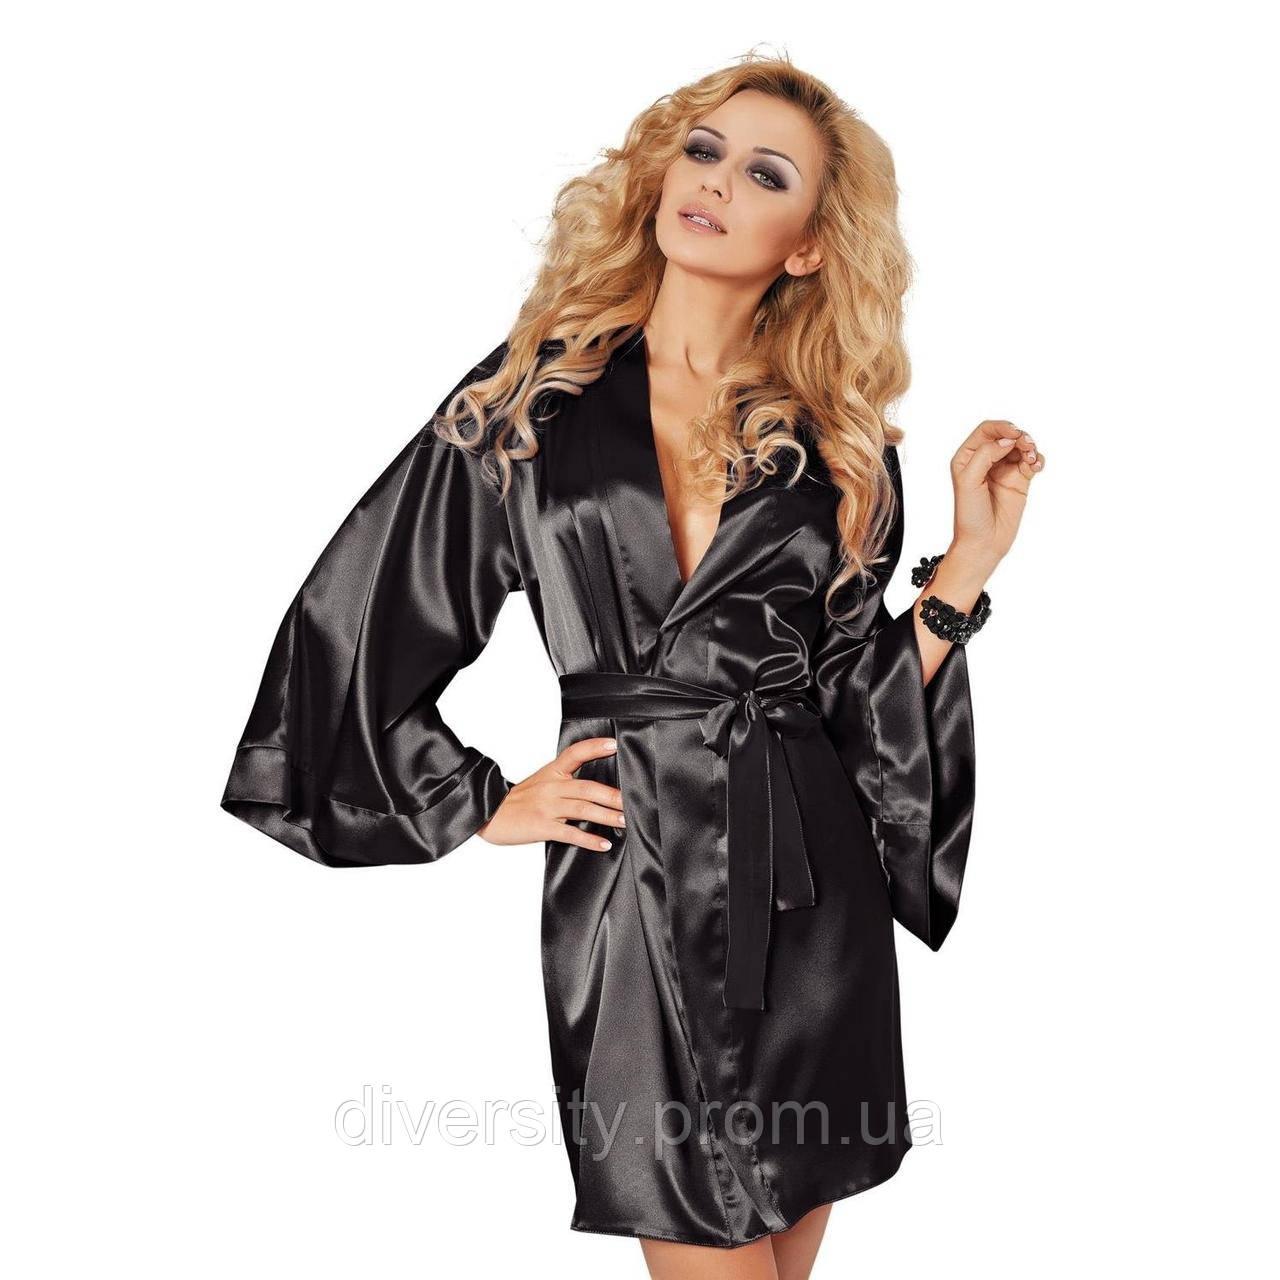 Стильный сатиновый халат Candy DKaren ,L, черный